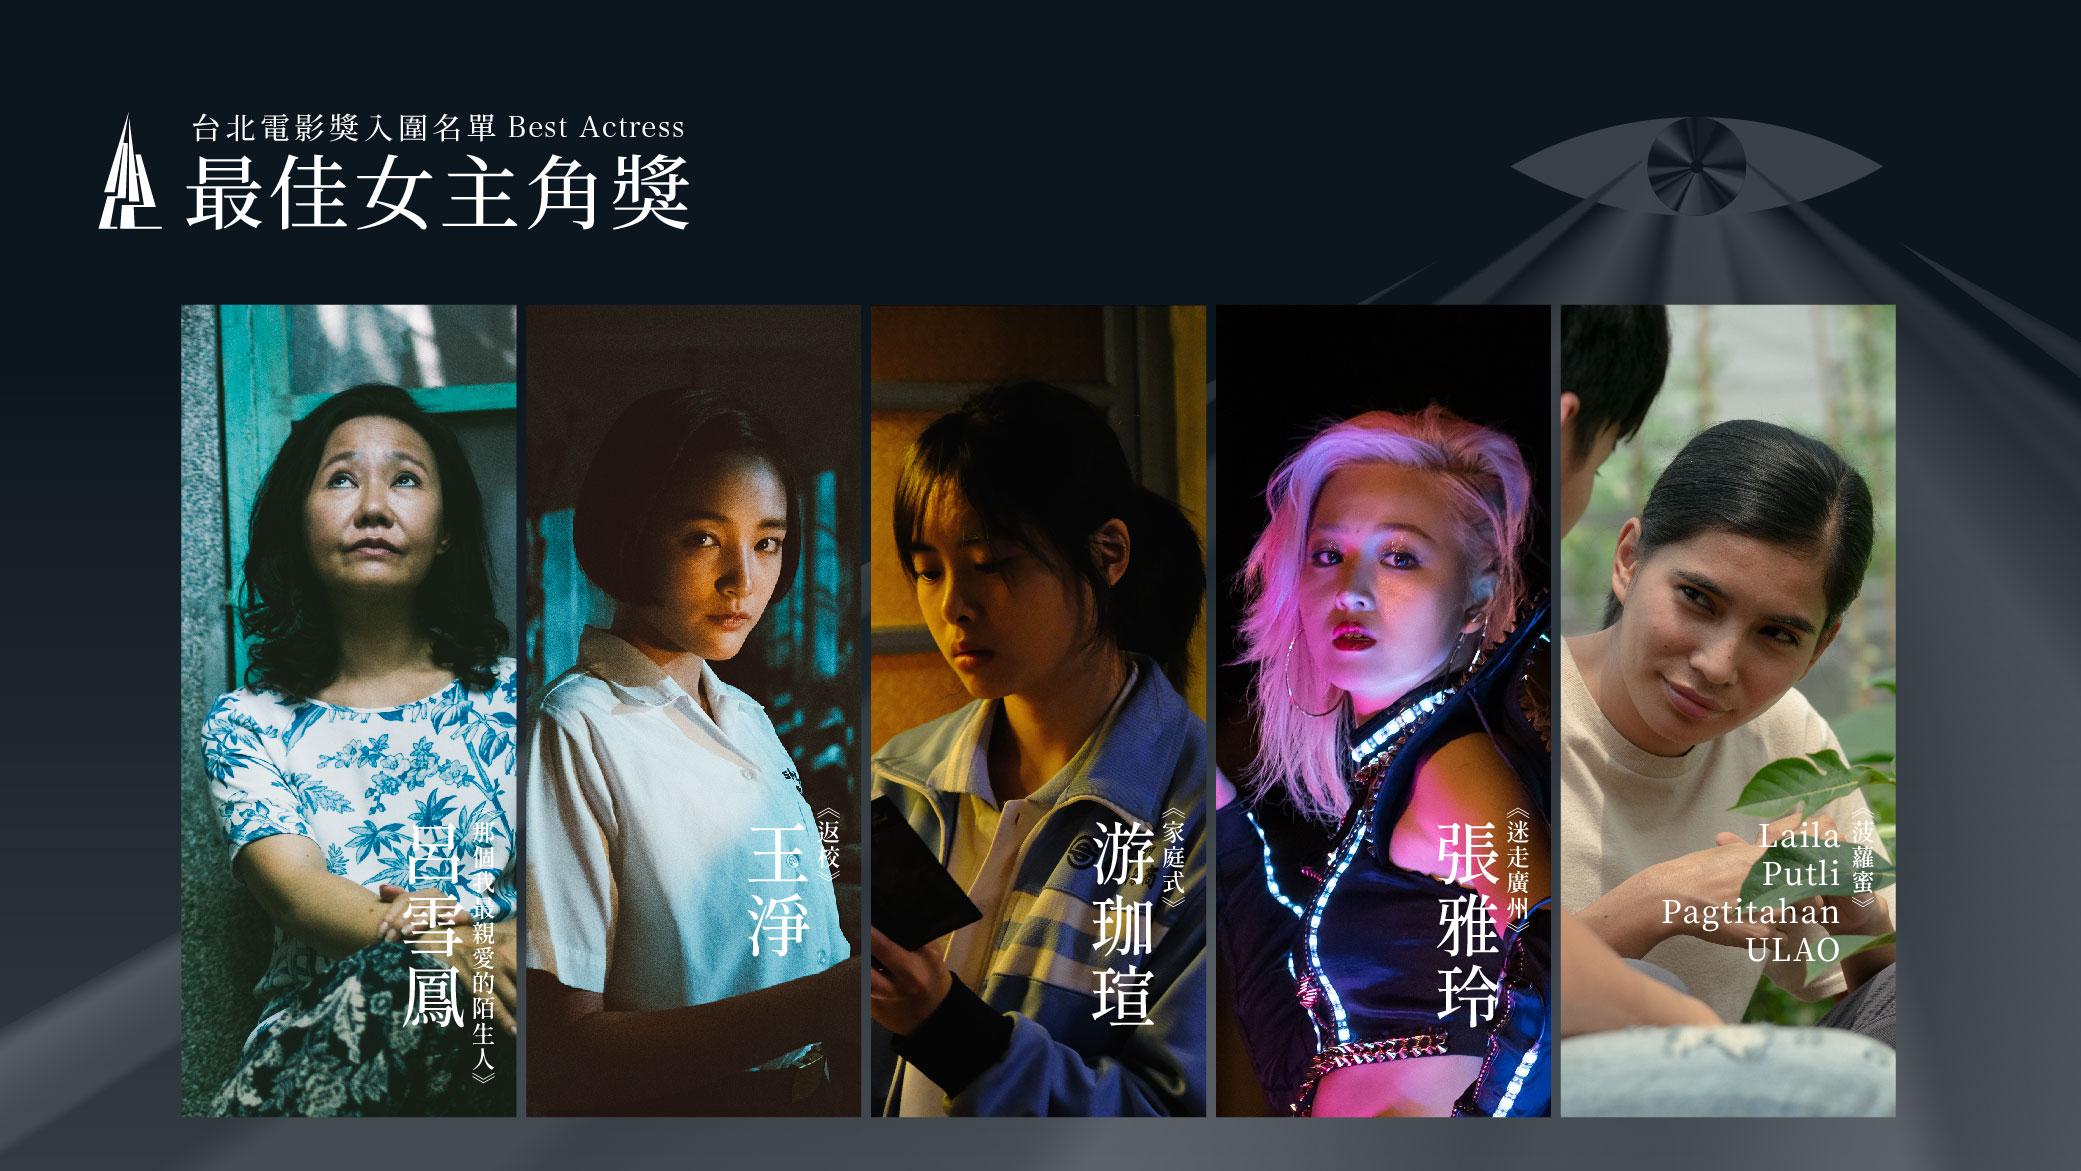 台北電影獎入圍名單-最佳女主角獎